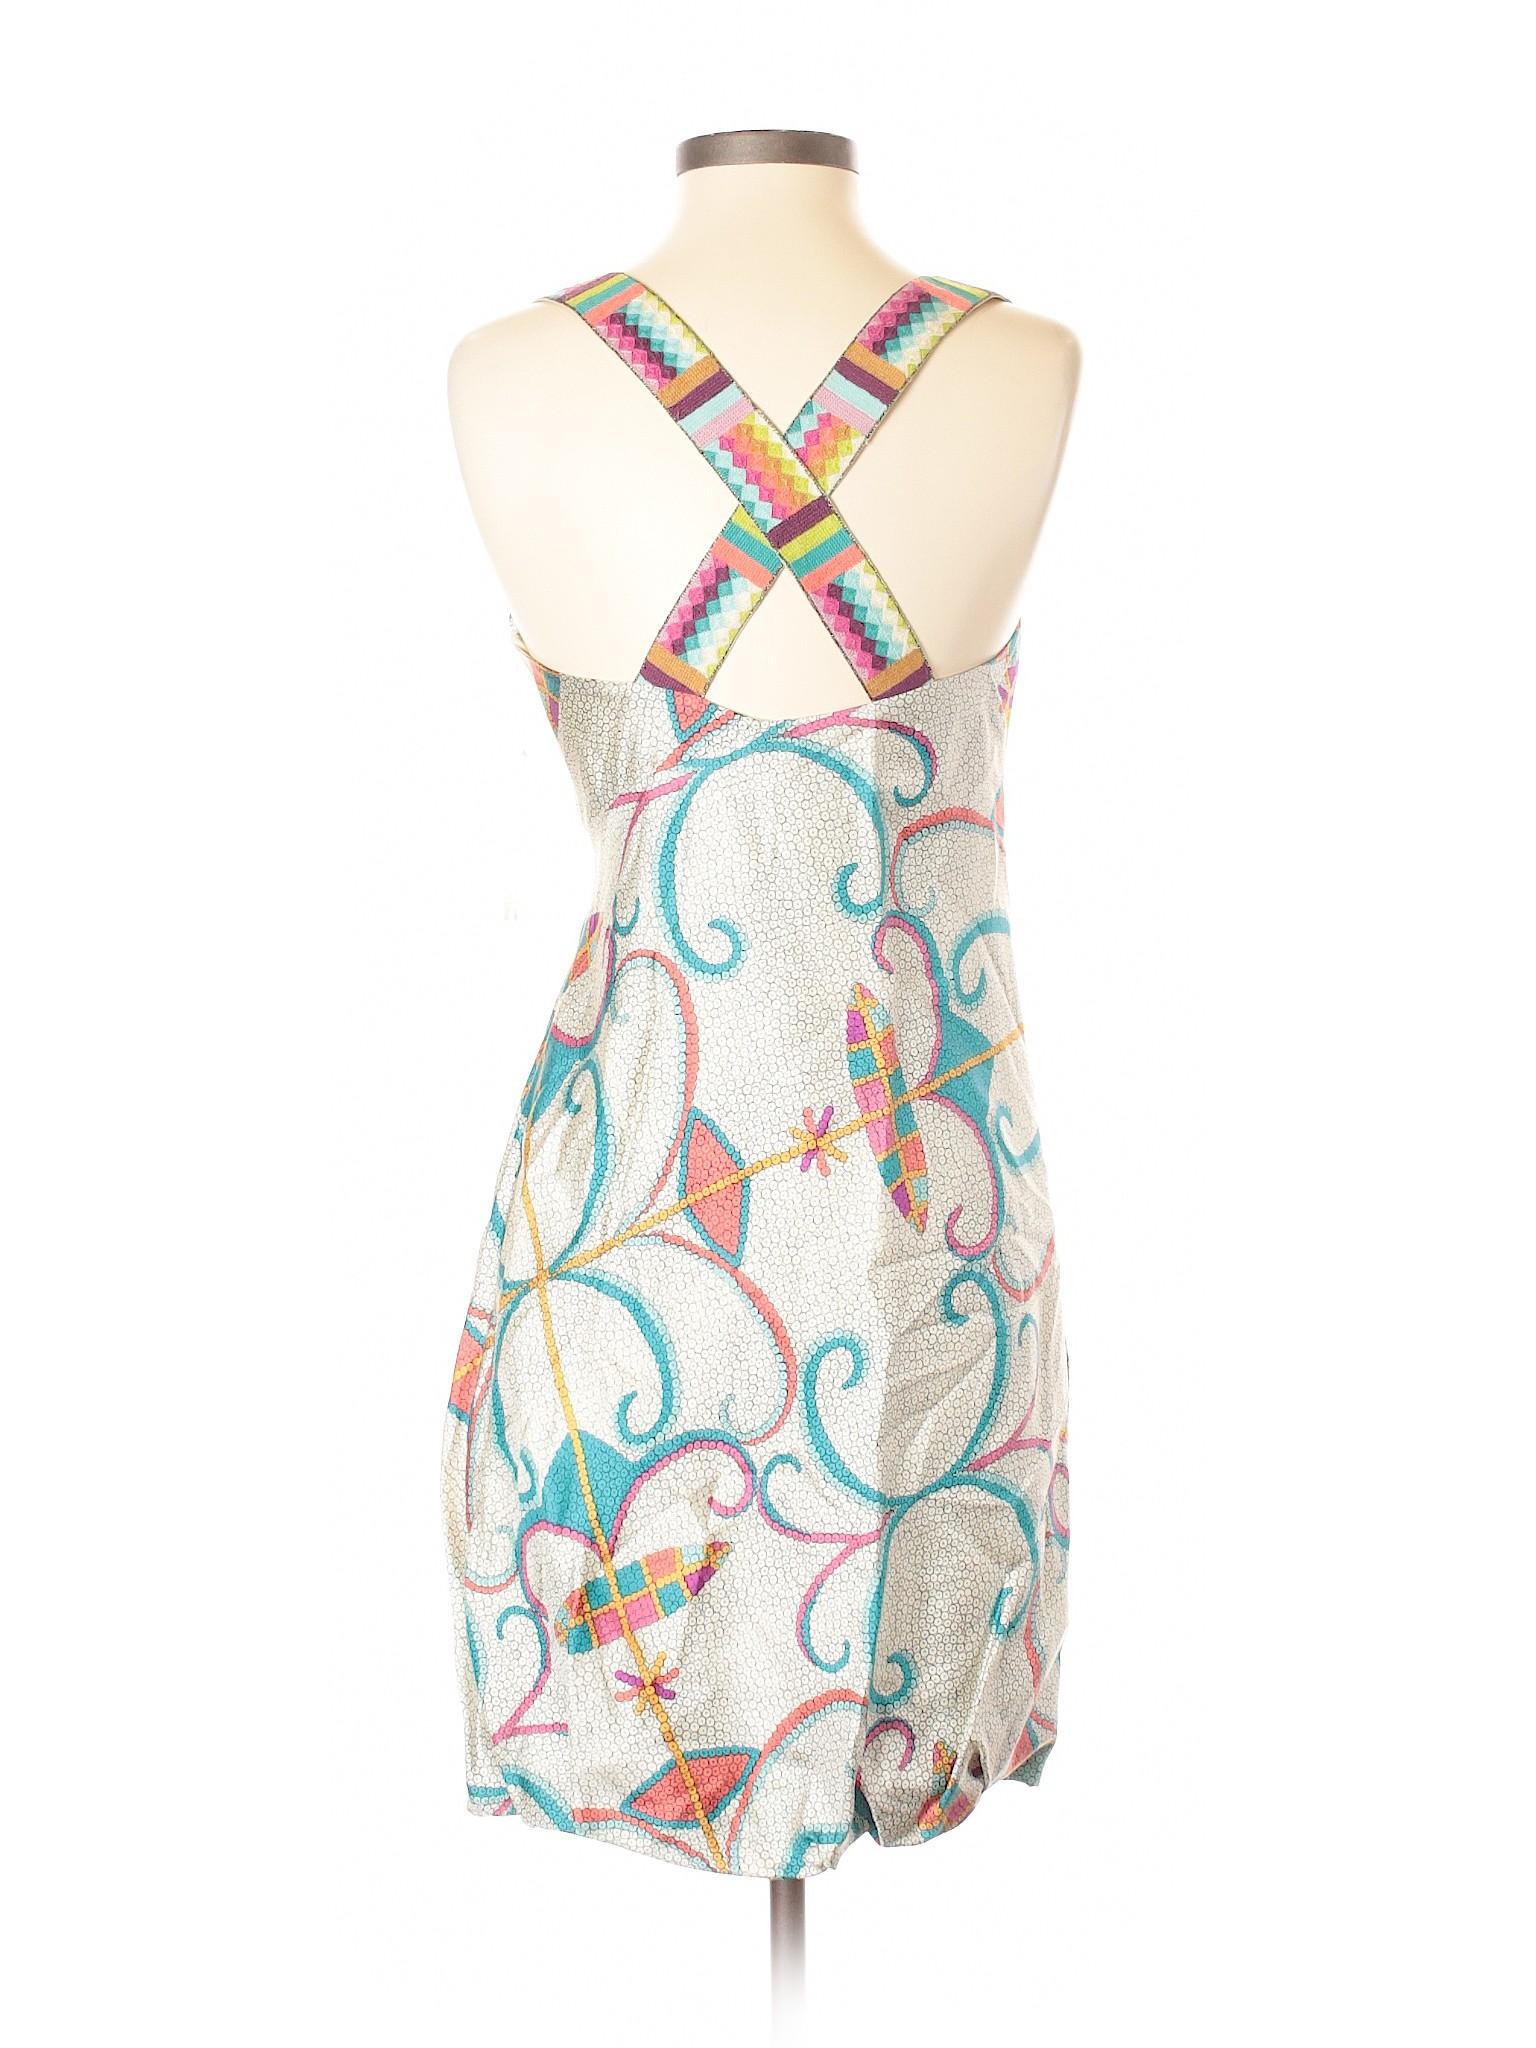 Dress Boutique Nicole Casual Miller winter vrIq0r